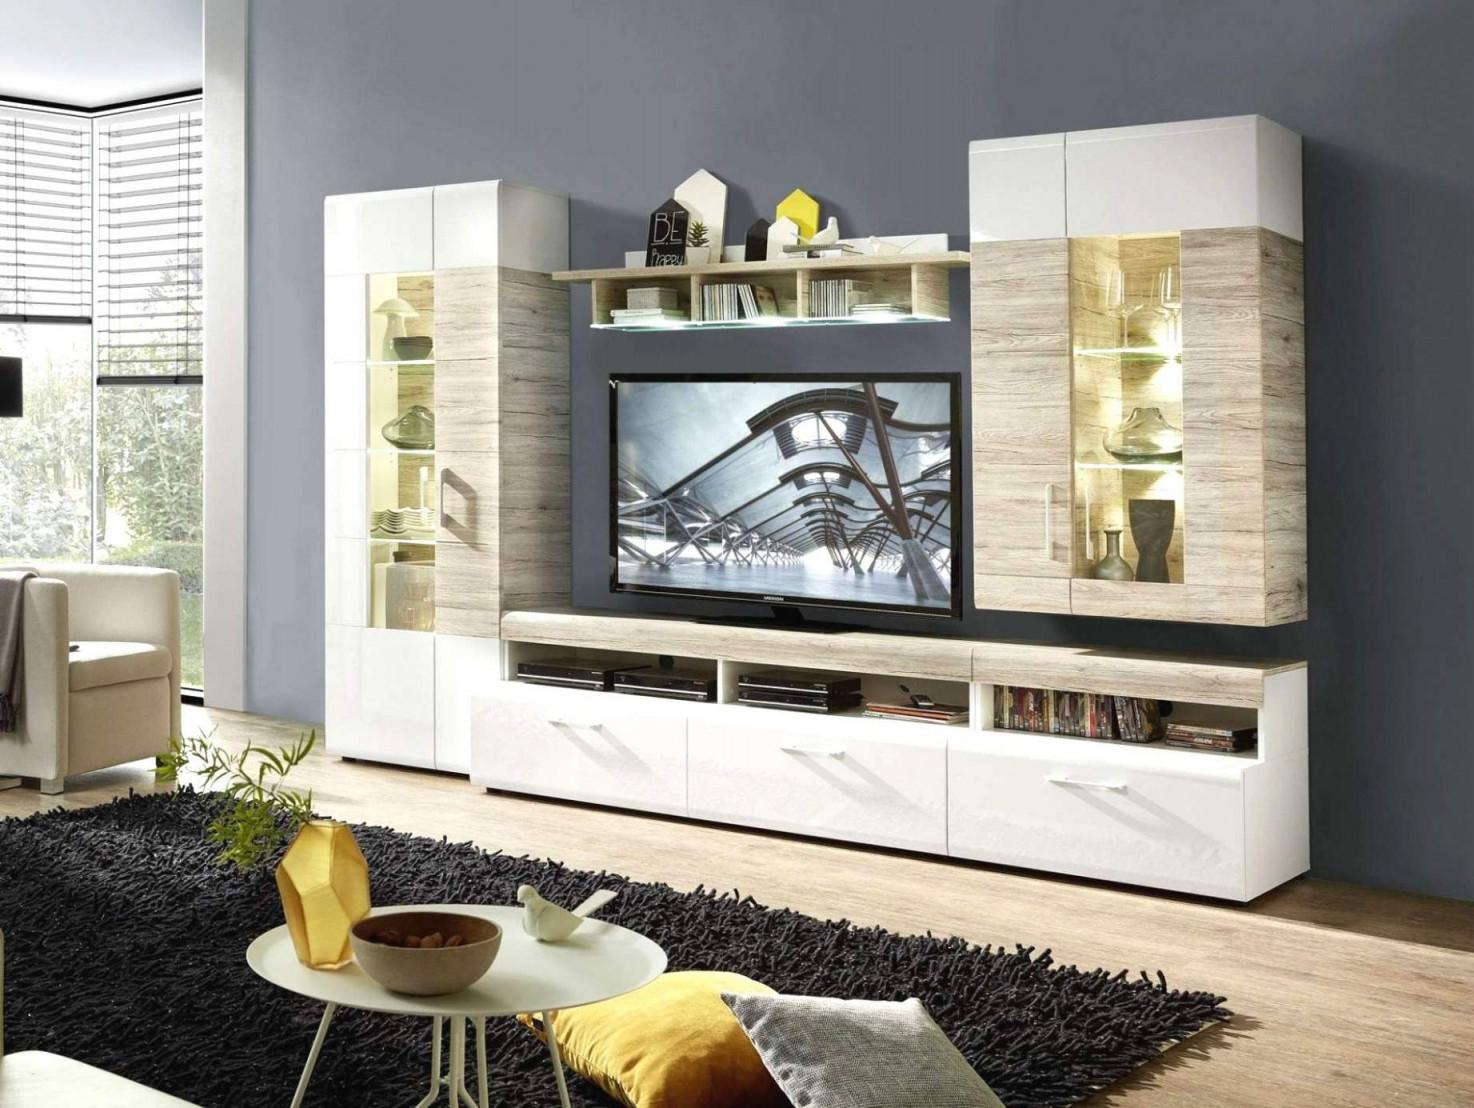 Anbauwand Wohnzimmer Luxus 6 Einzigartig Dekoideen Wohnwand von Wohnzimmer Wohnwand Ideen Photo